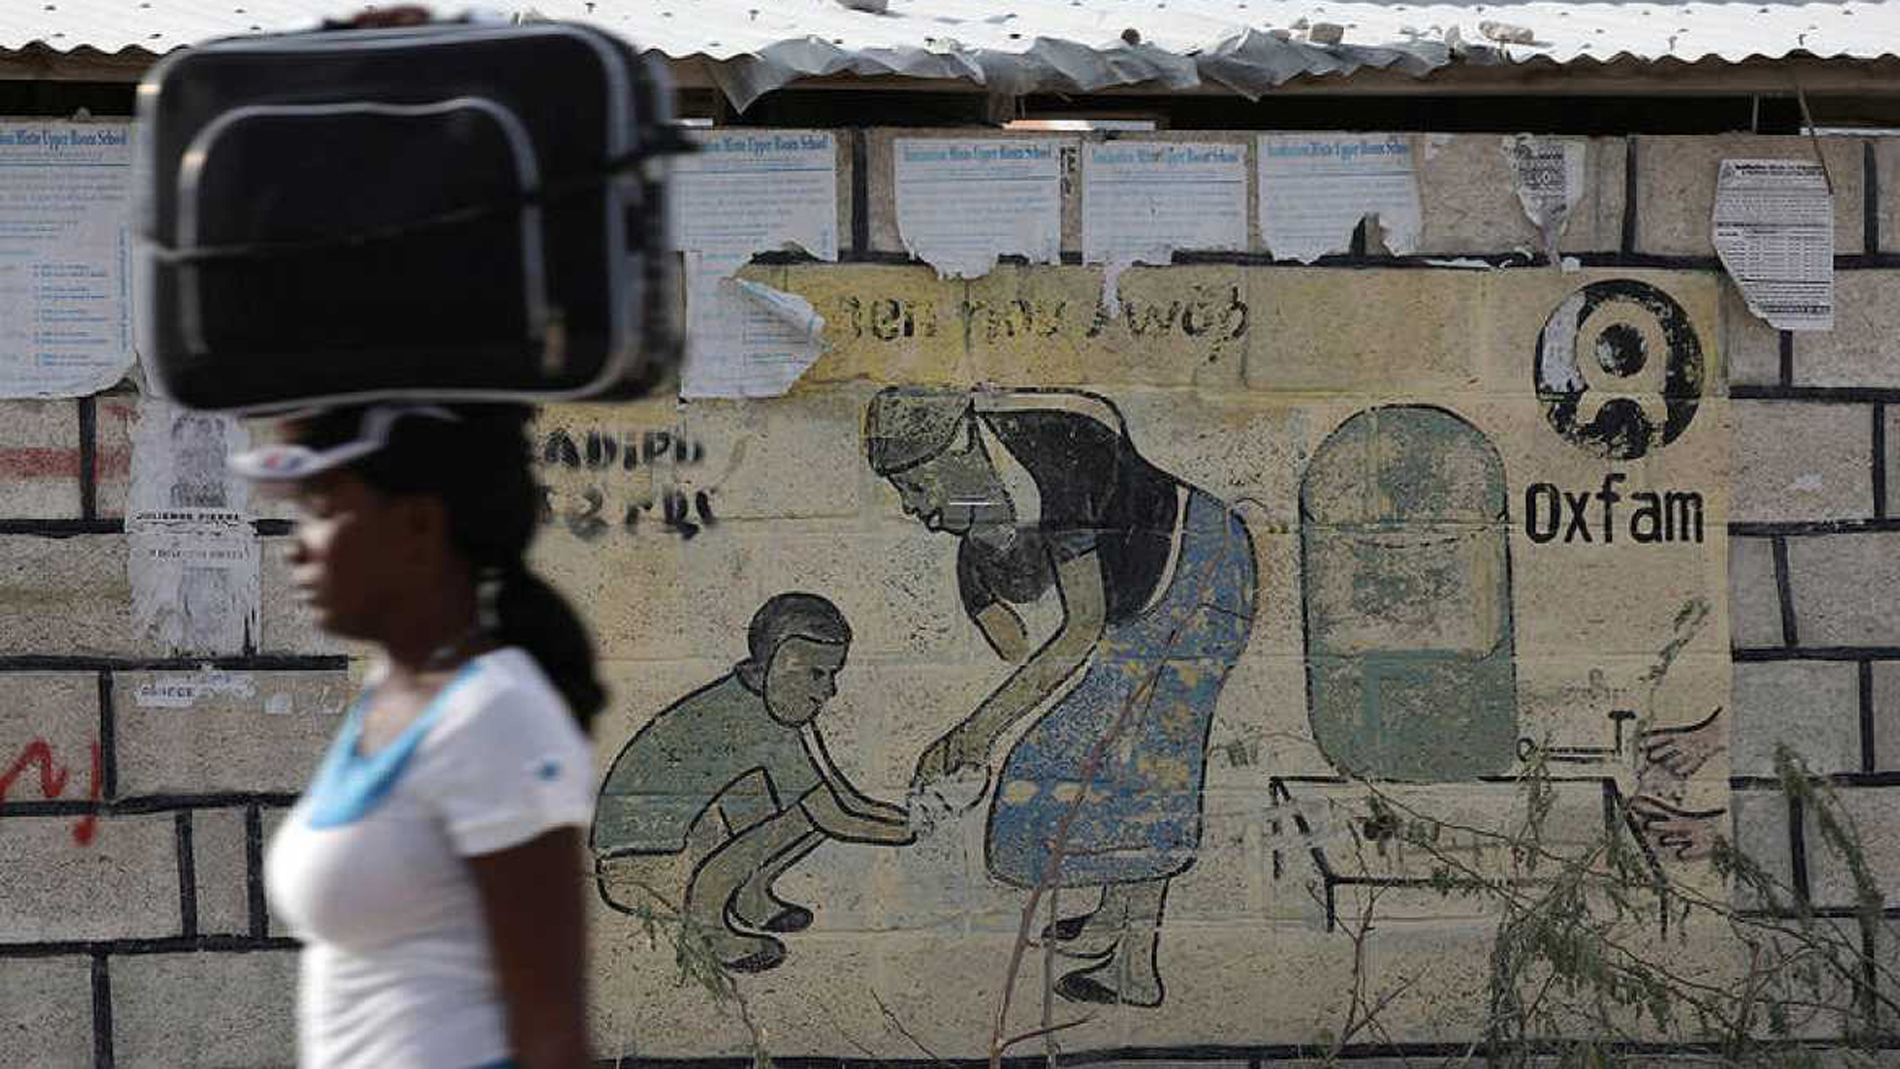 El escándalo sexual de Oxfam amenaza los fondos de la ONG